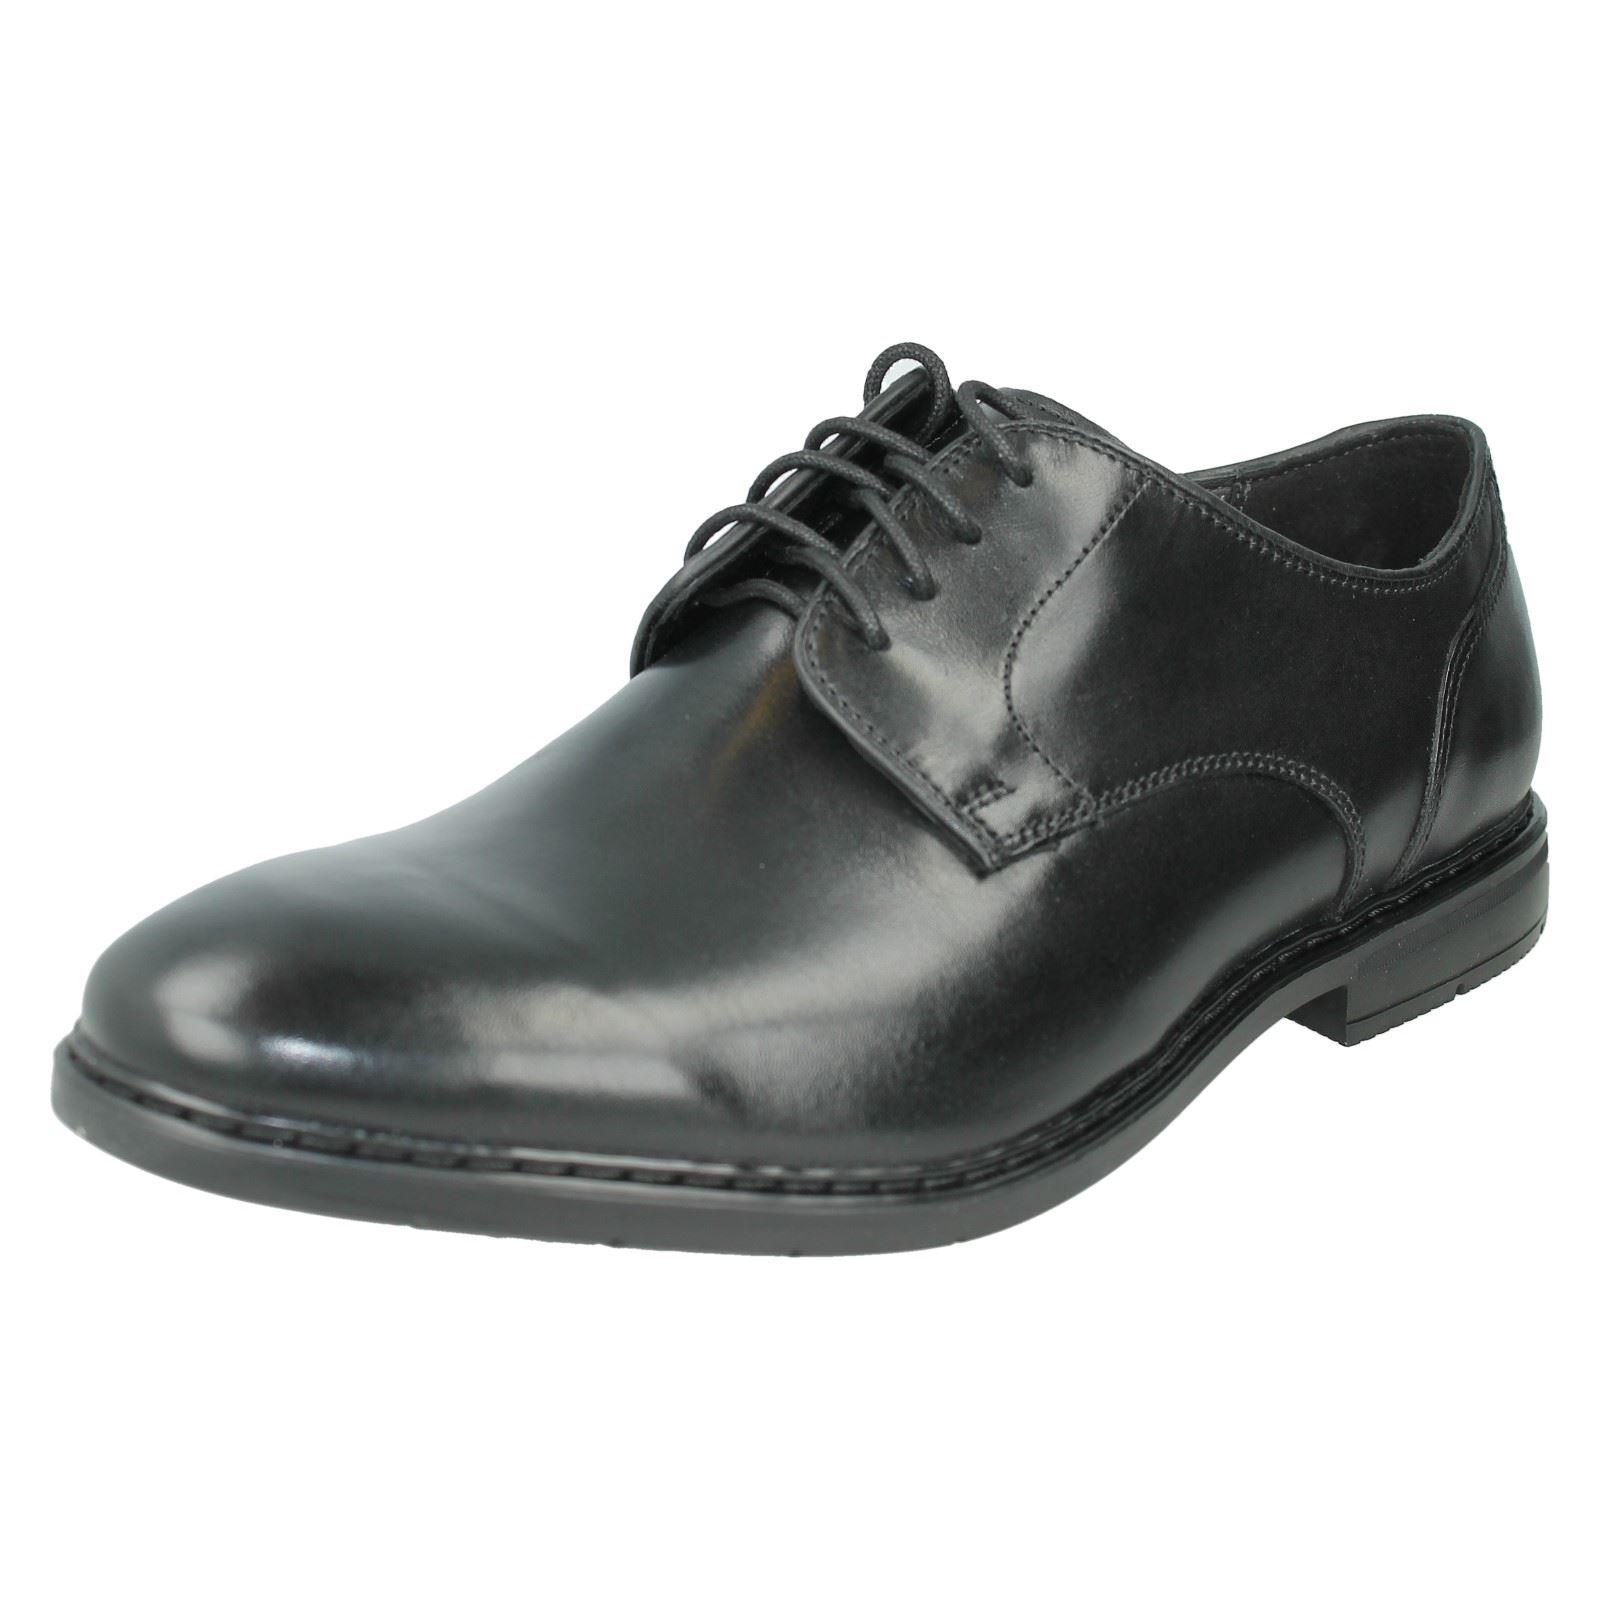 Clarks Chaussures BANBURY LACE Clarks soldes  Bottes Classiques Femme 36 EU - Noir - Noir  Rouge (Bordeaux)  33 EU  36 EU iDLn6nB6V